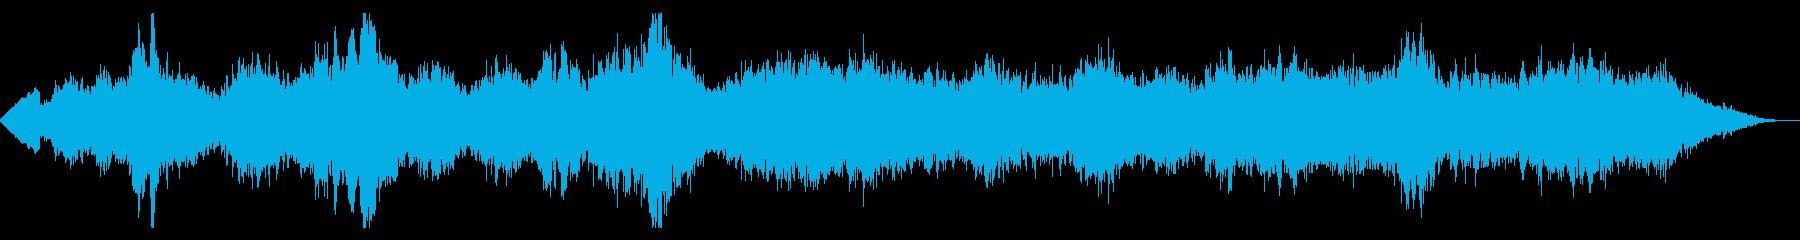 壮大な宇宙のアンビエント・テクスチャーの再生済みの波形